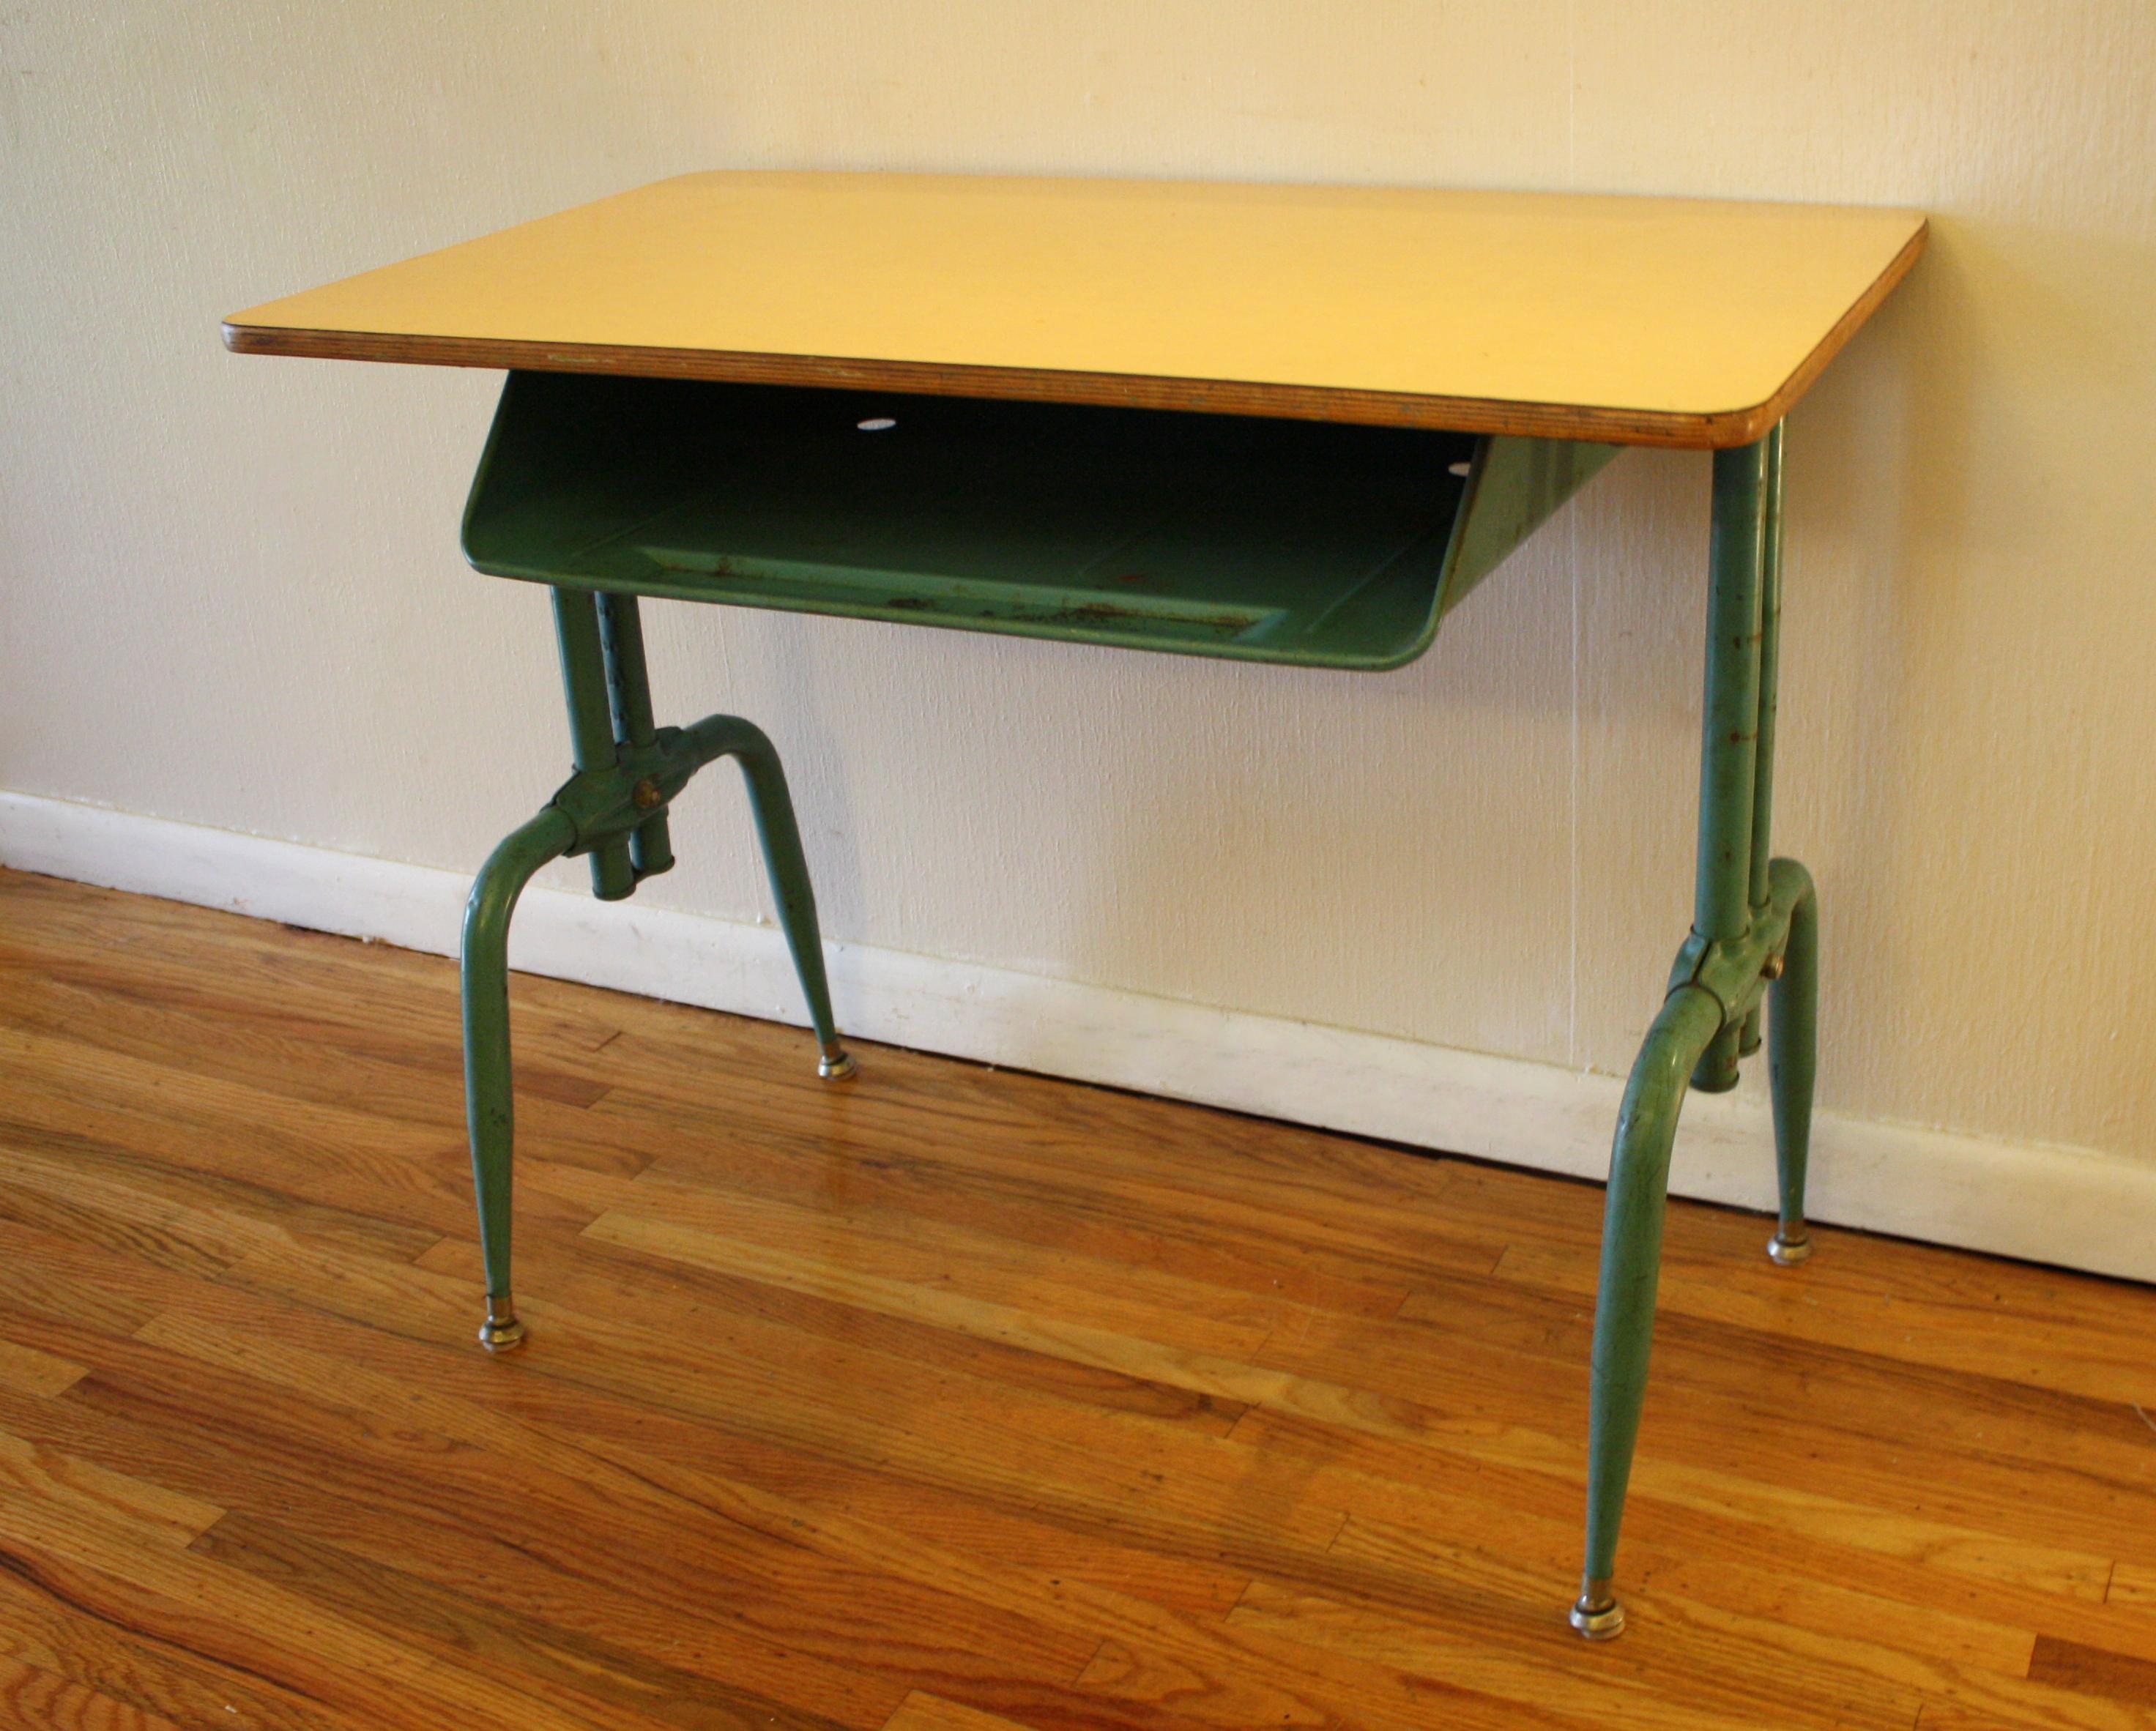 Antique School Desk Picked Vintage : antique school desk from pickedvintage.com size 2944 x 2364 jpeg 2945kB